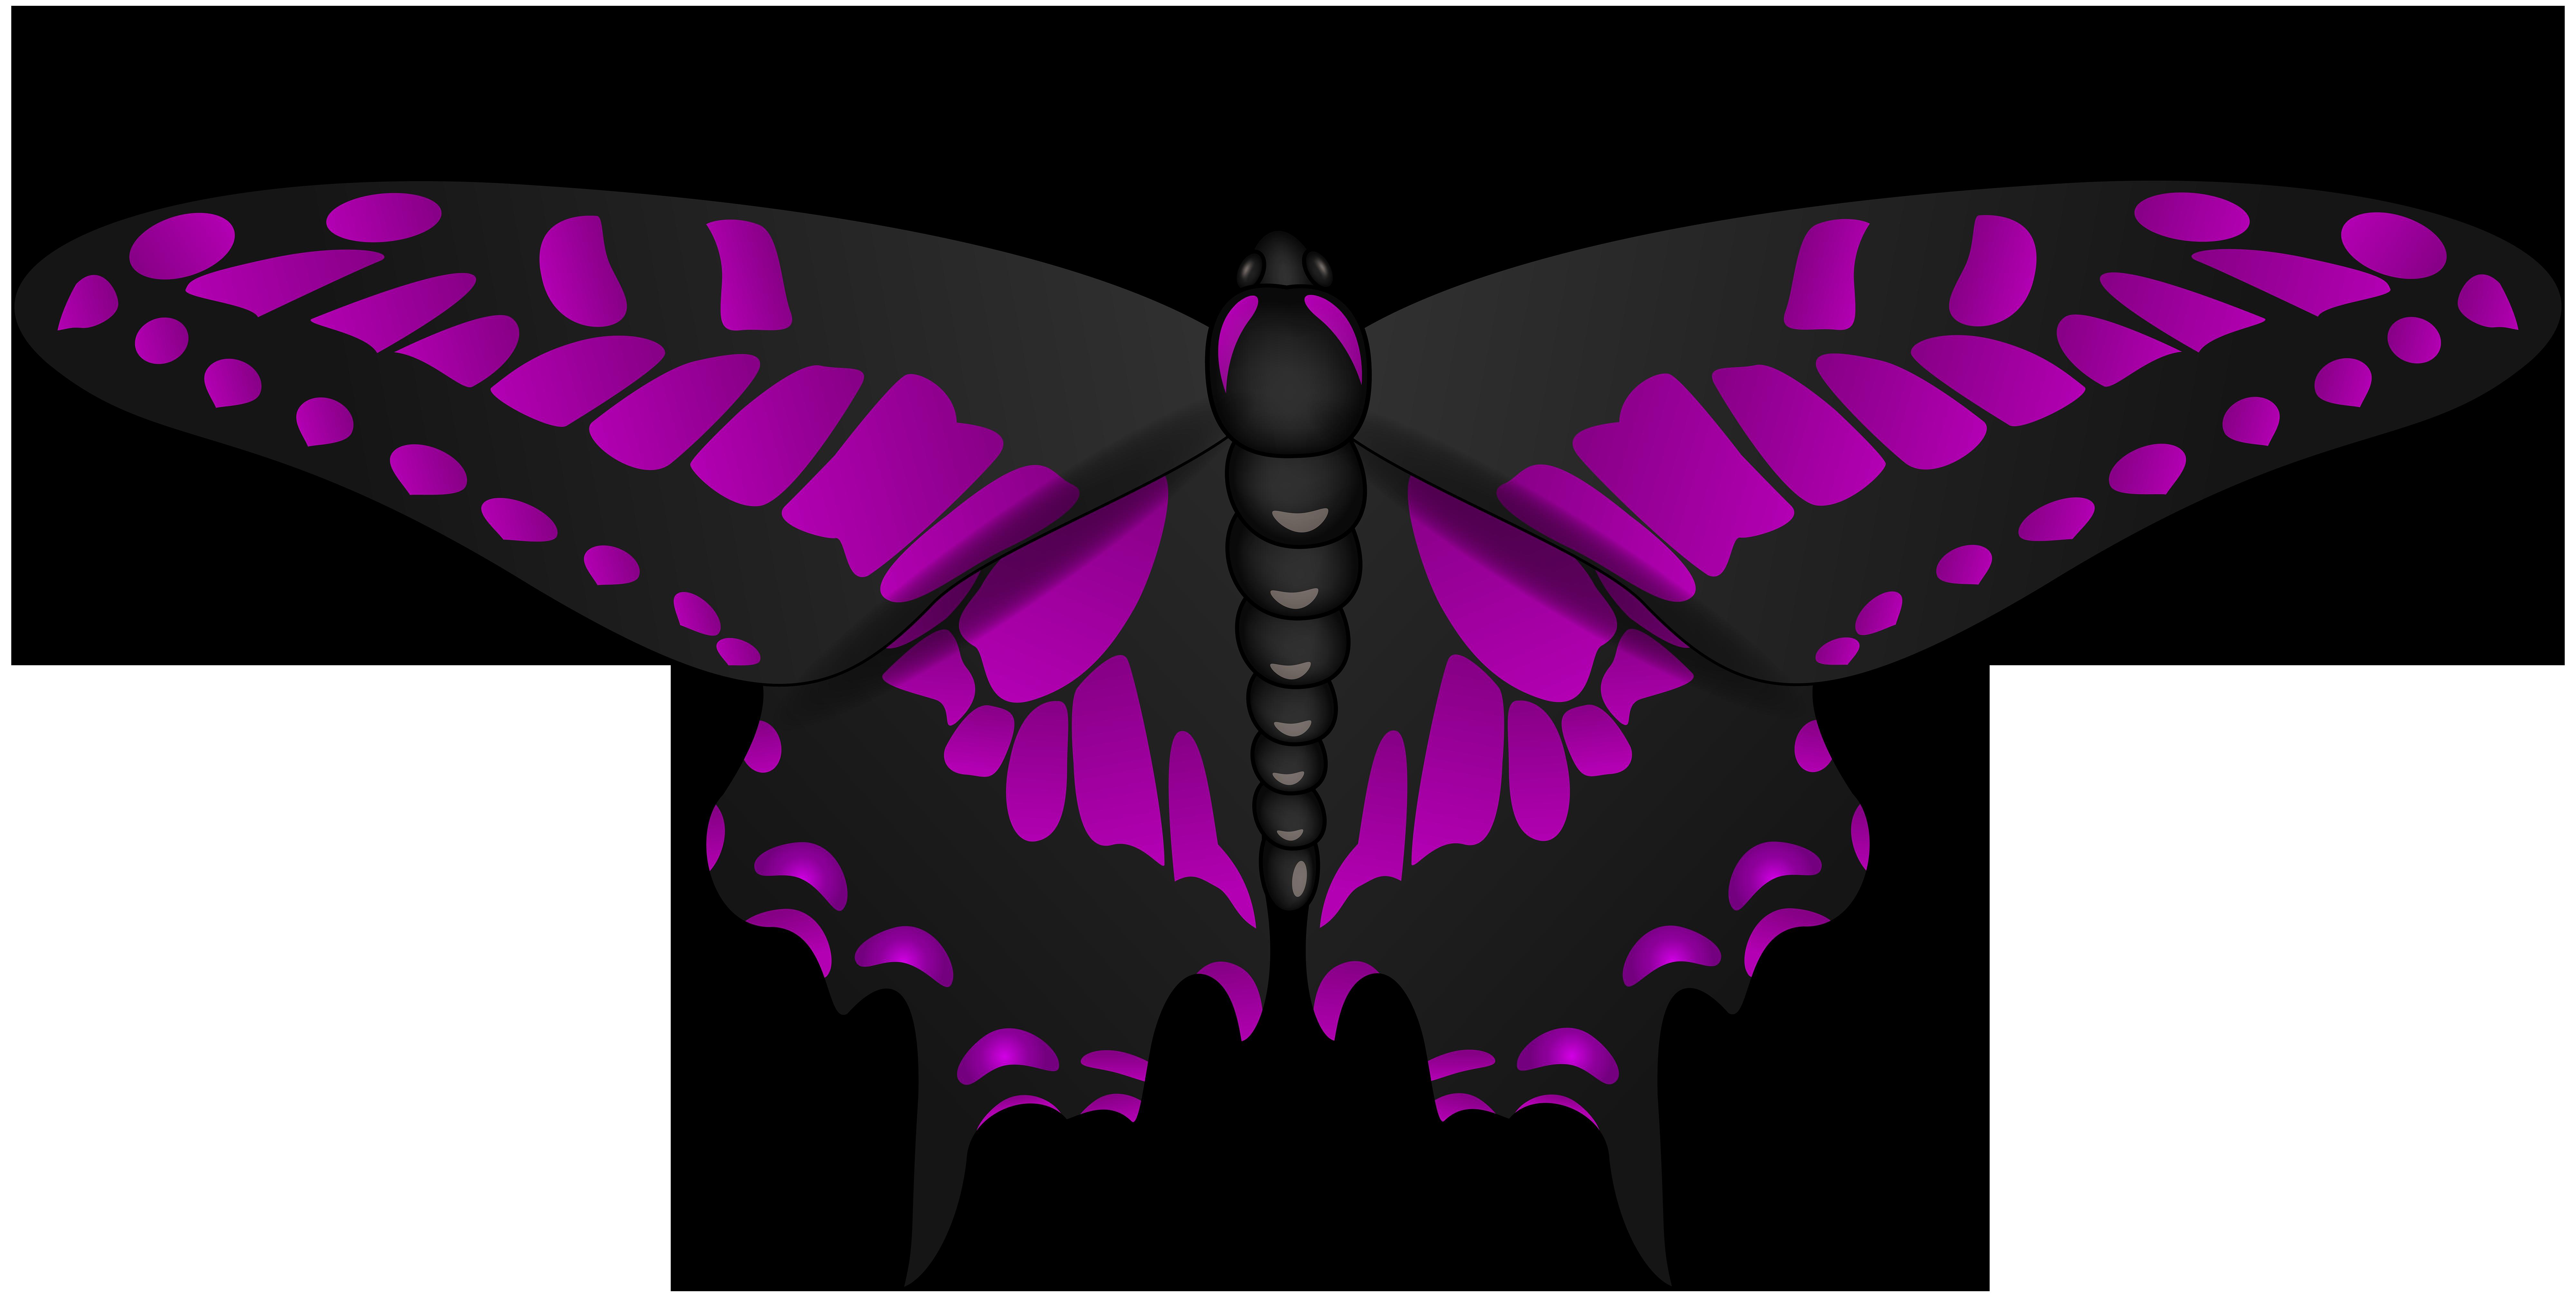 Moth clipart butterflyblack. Butterfly purple black clip